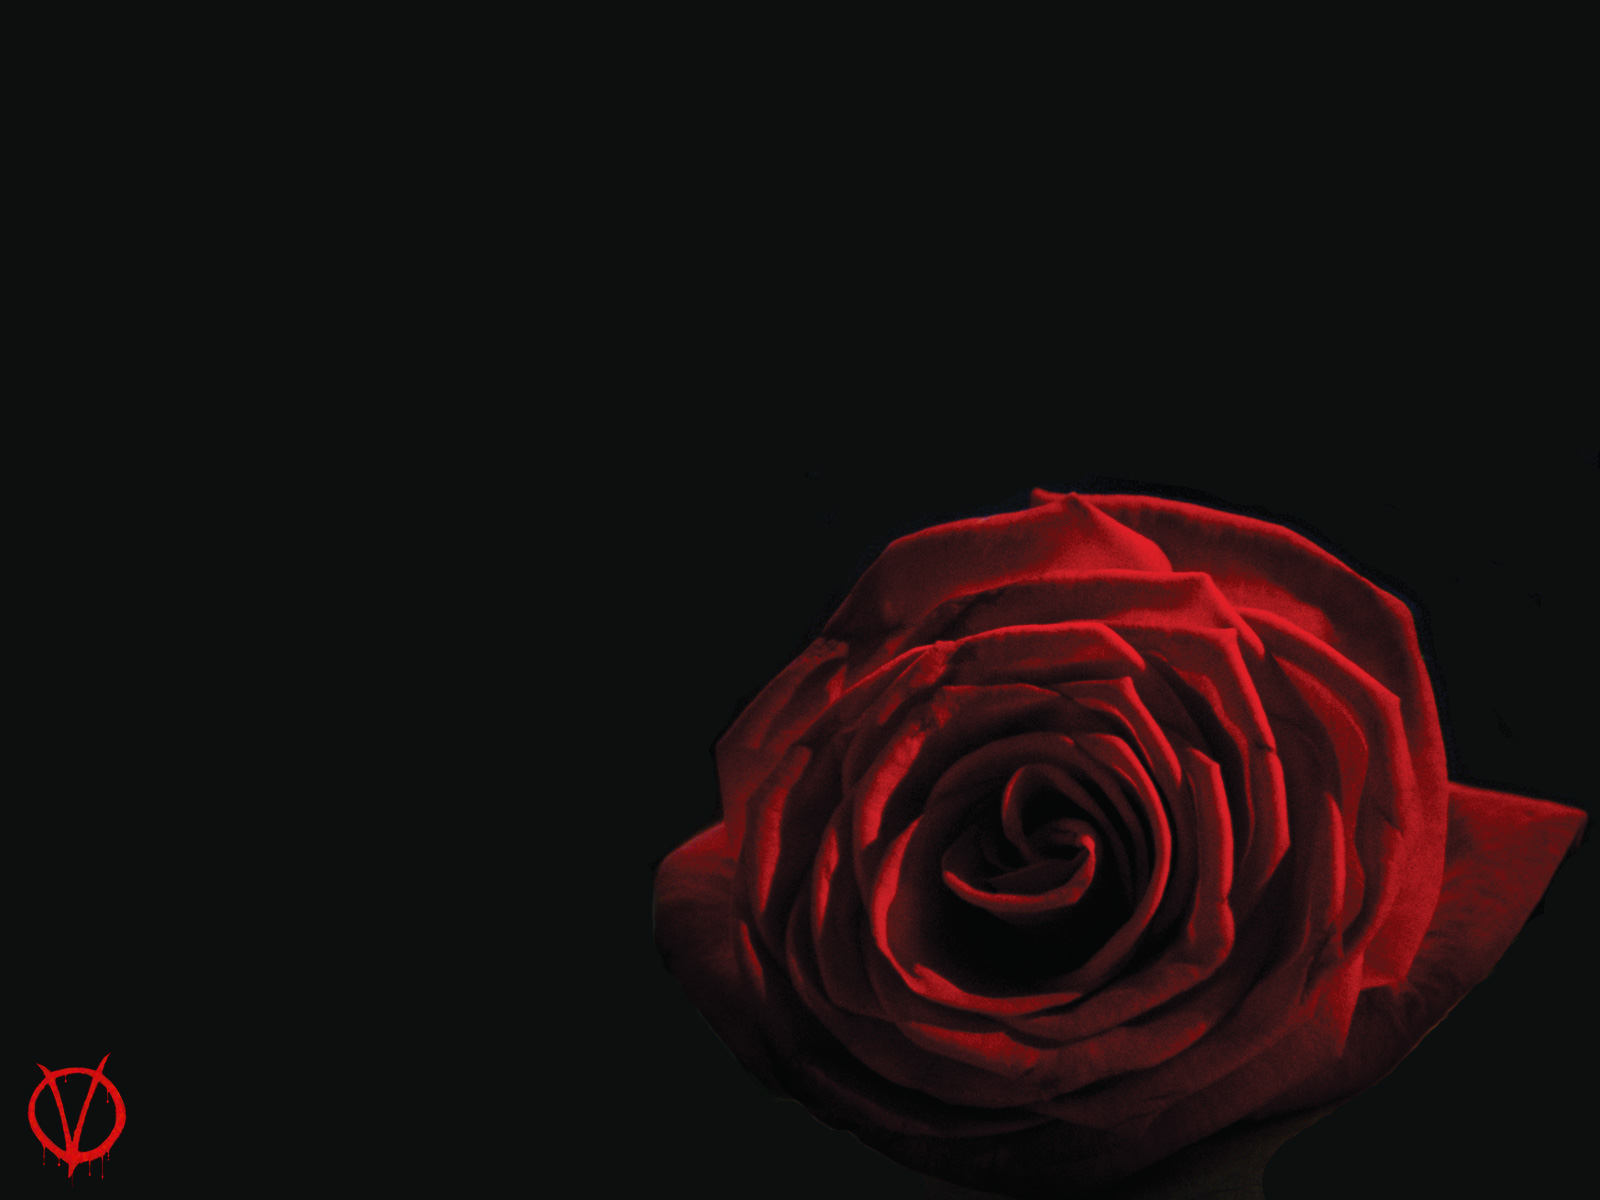 v for vendetta rose wallpaper - photo #21